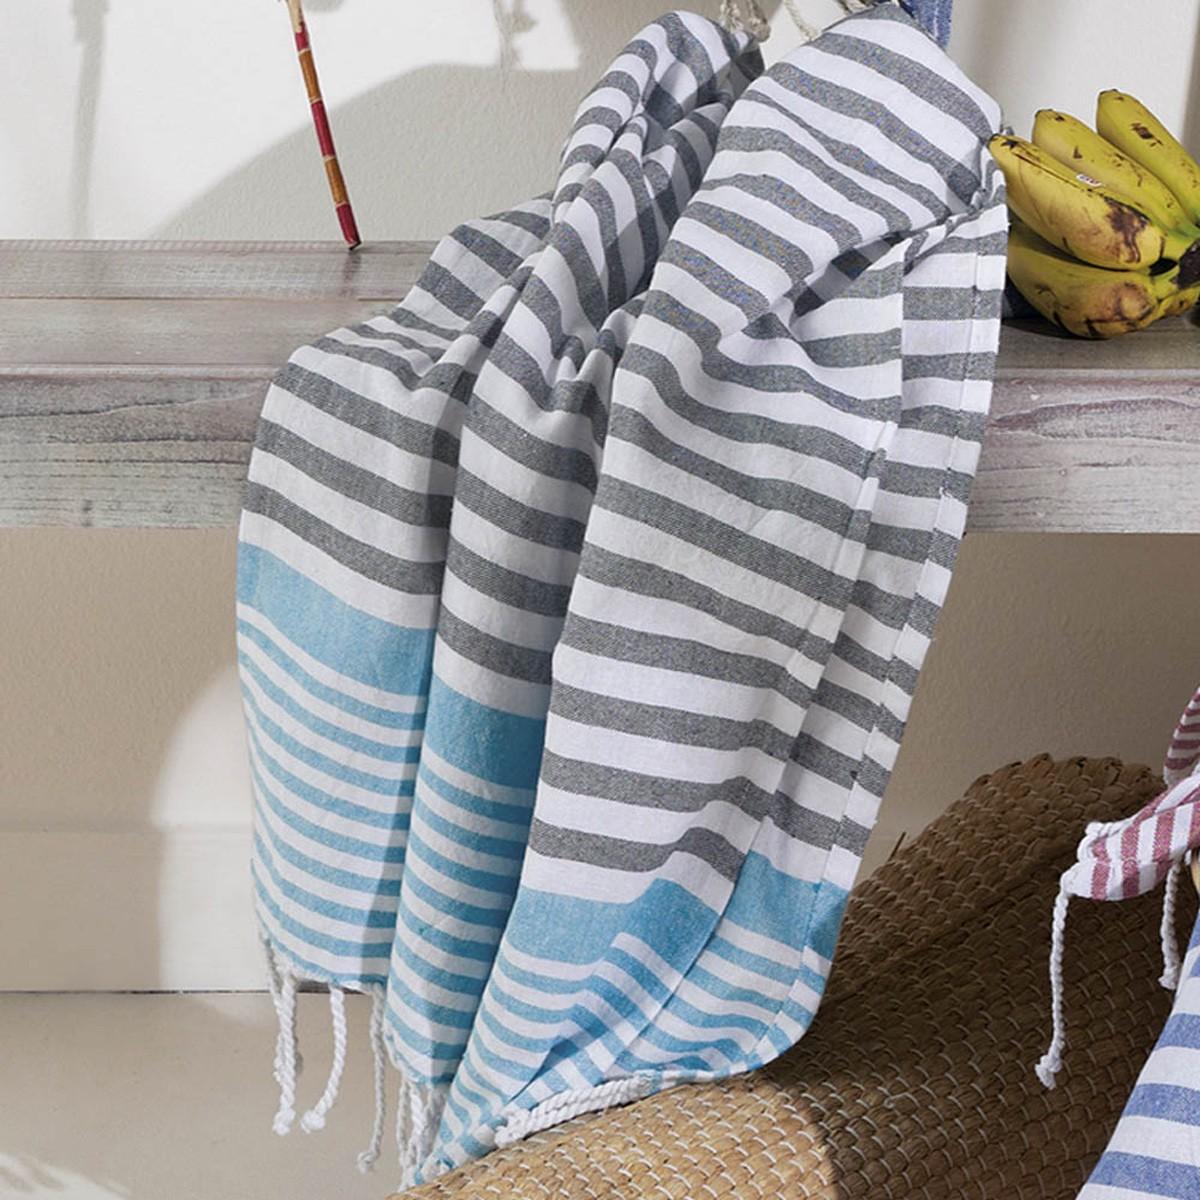 Πετσέτα Θαλάσσης-Παρεό Kentia Sunny 1711 home   θαλάσσης   πετσέτες θαλάσσης ενηλίκων